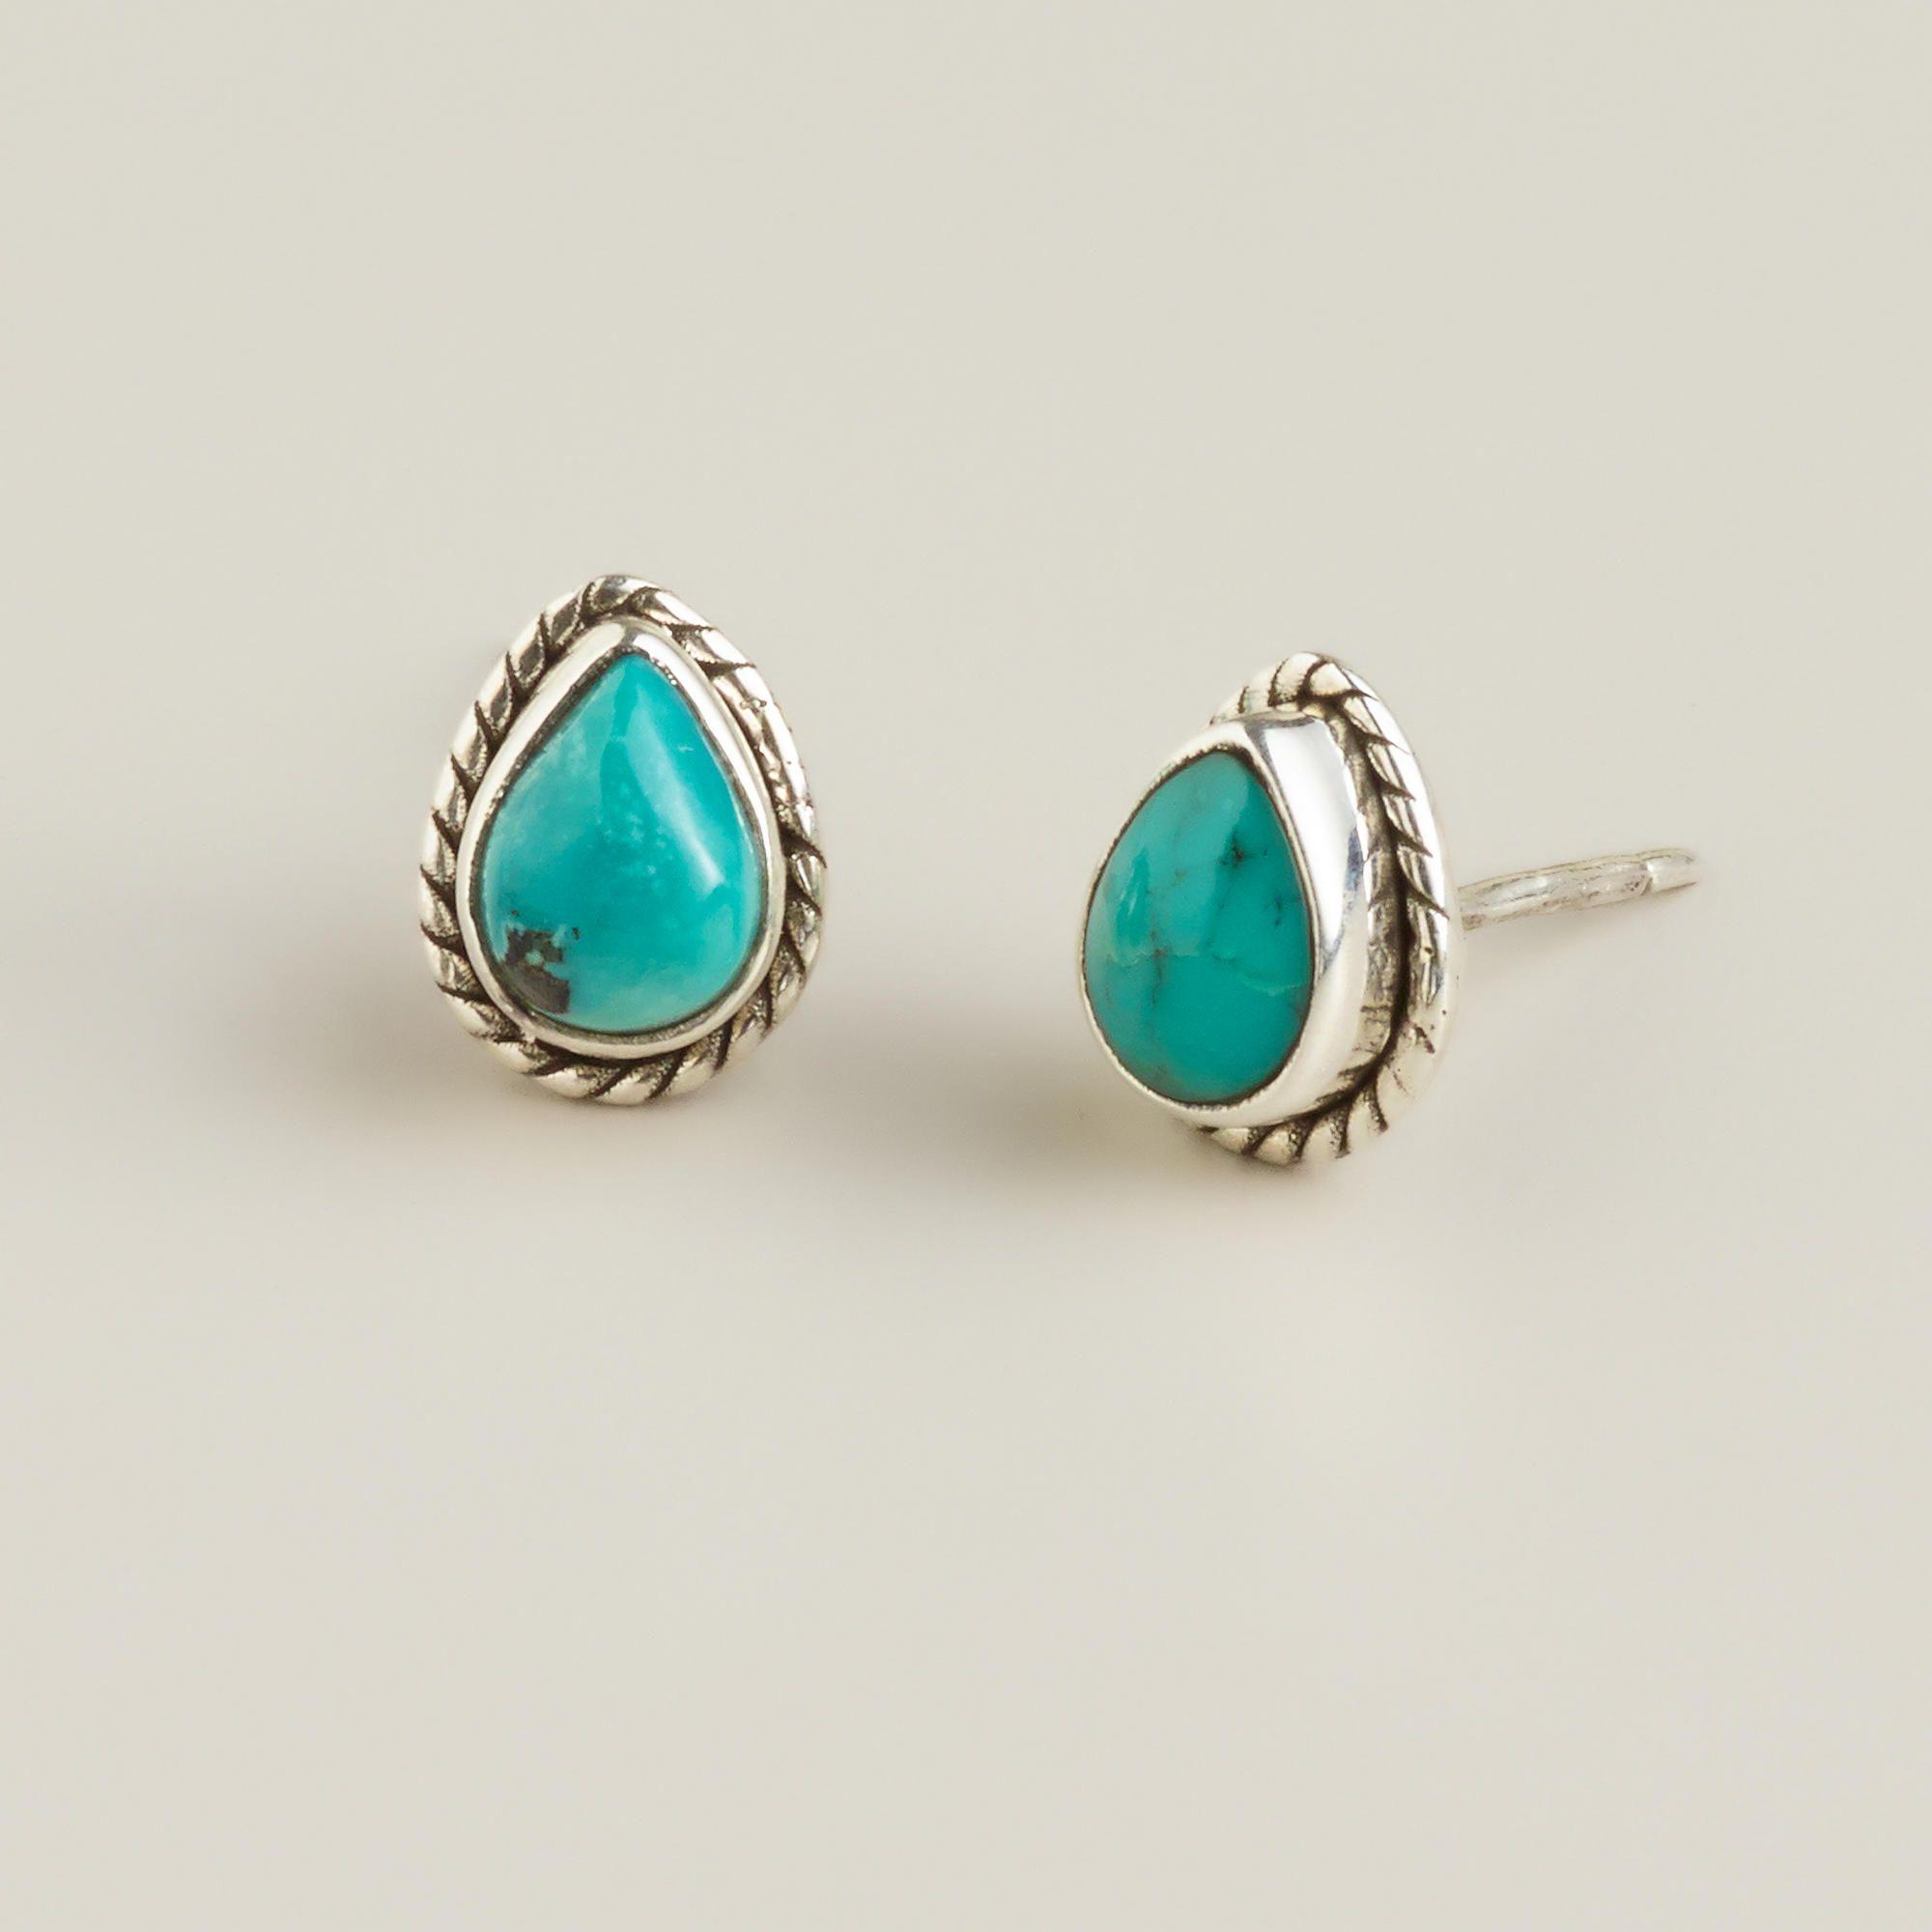 Sterling Silver Turquoise Teardrop Stud Earrings World Market